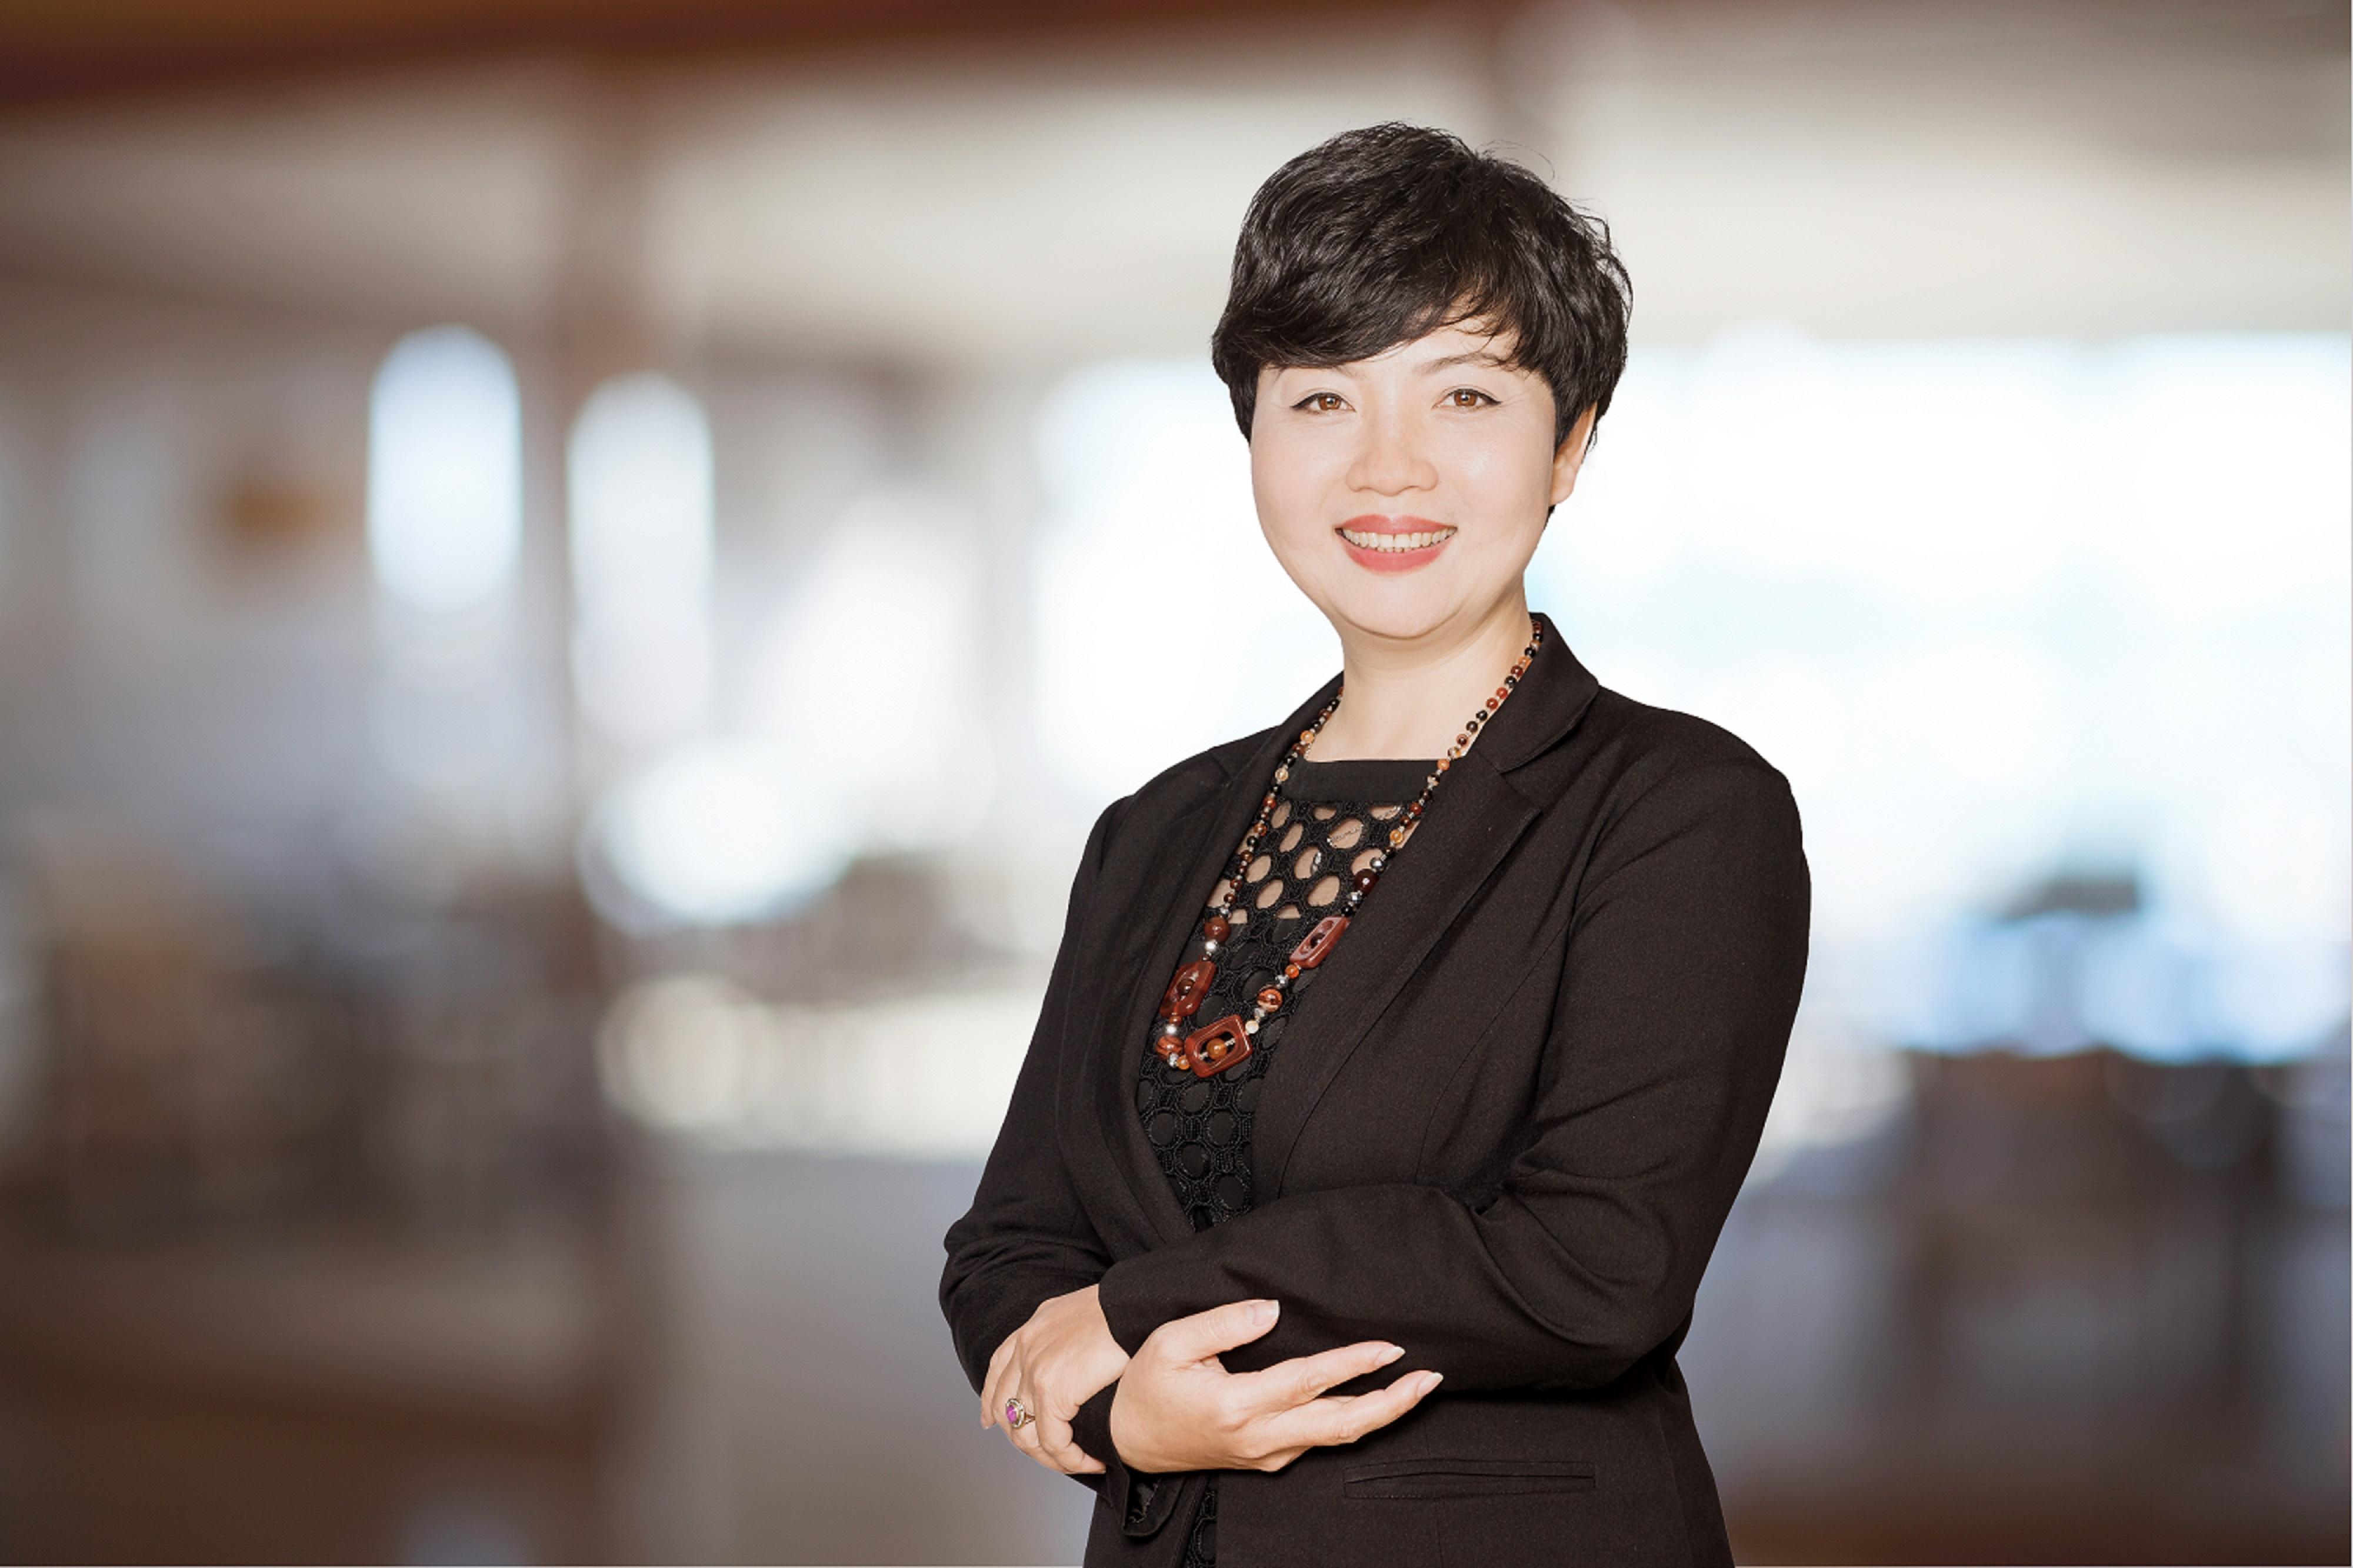 Bà Vũ Kiều Hạnh, Giám đốc, Bộ phận Quản lý Bất động sản, Savills Hà Nội